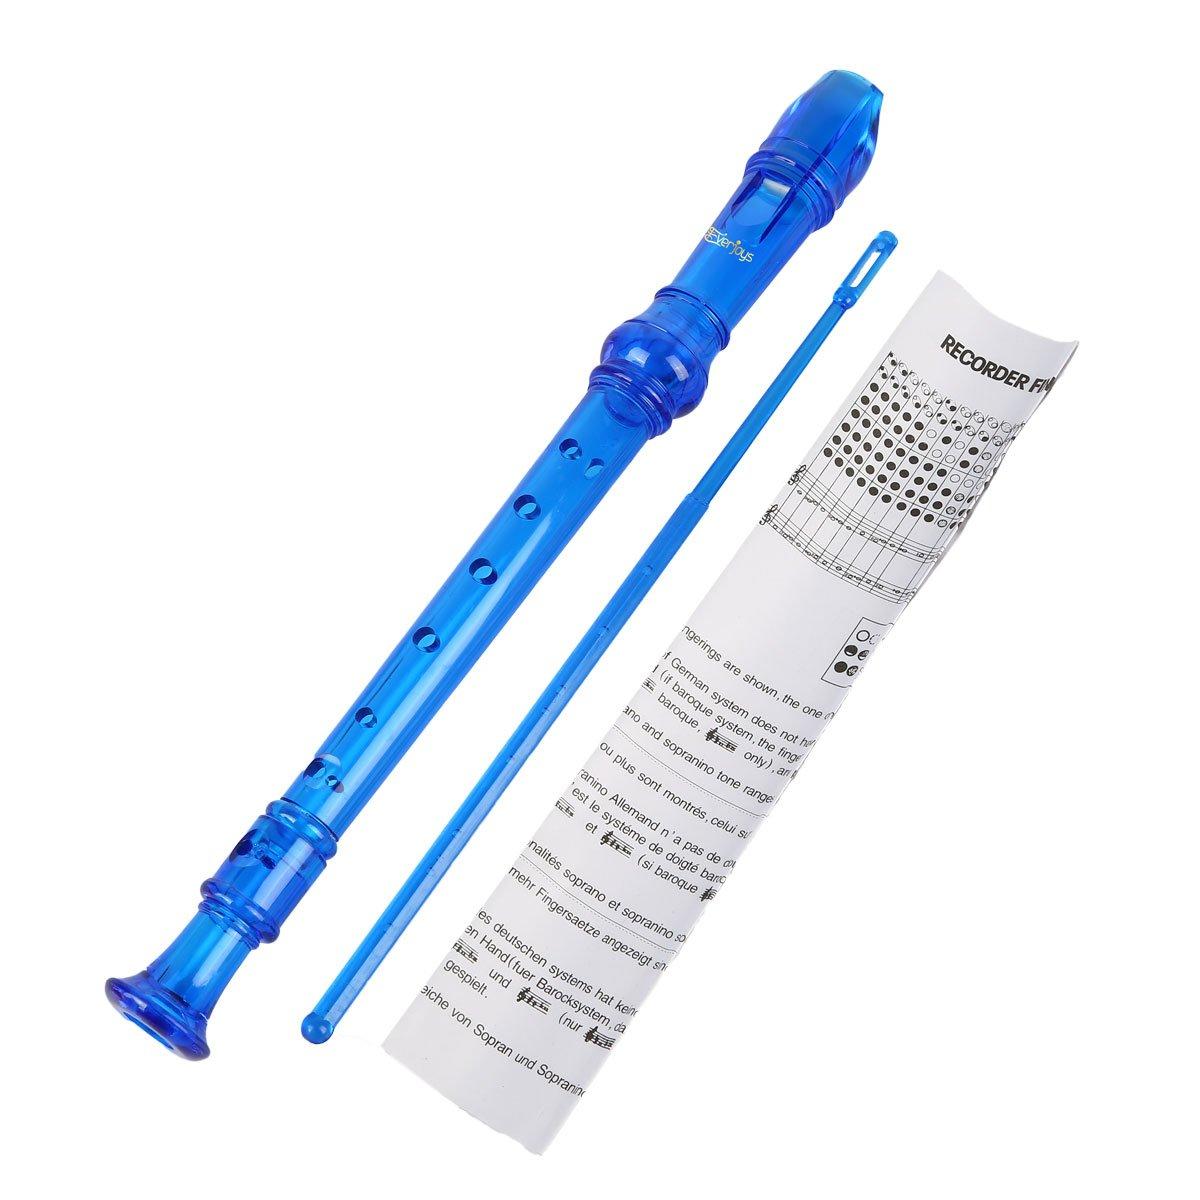 EVERJOYS Flauta Diáfana de 3 Piezas para Niños, Colorida Flauta de 8 Agujeros Contrapunto Soprano con Varita de limpieza, Funda de Transporte e ...